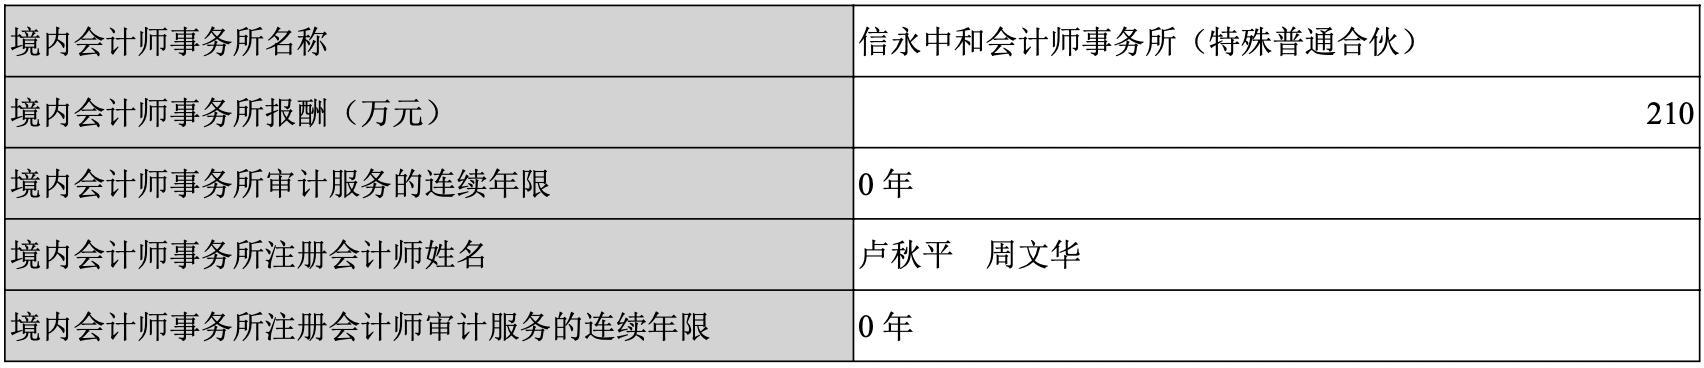 扬子新材拟变更会计师事务所为重庆康华 公司年报已连续2年被出具保留意见